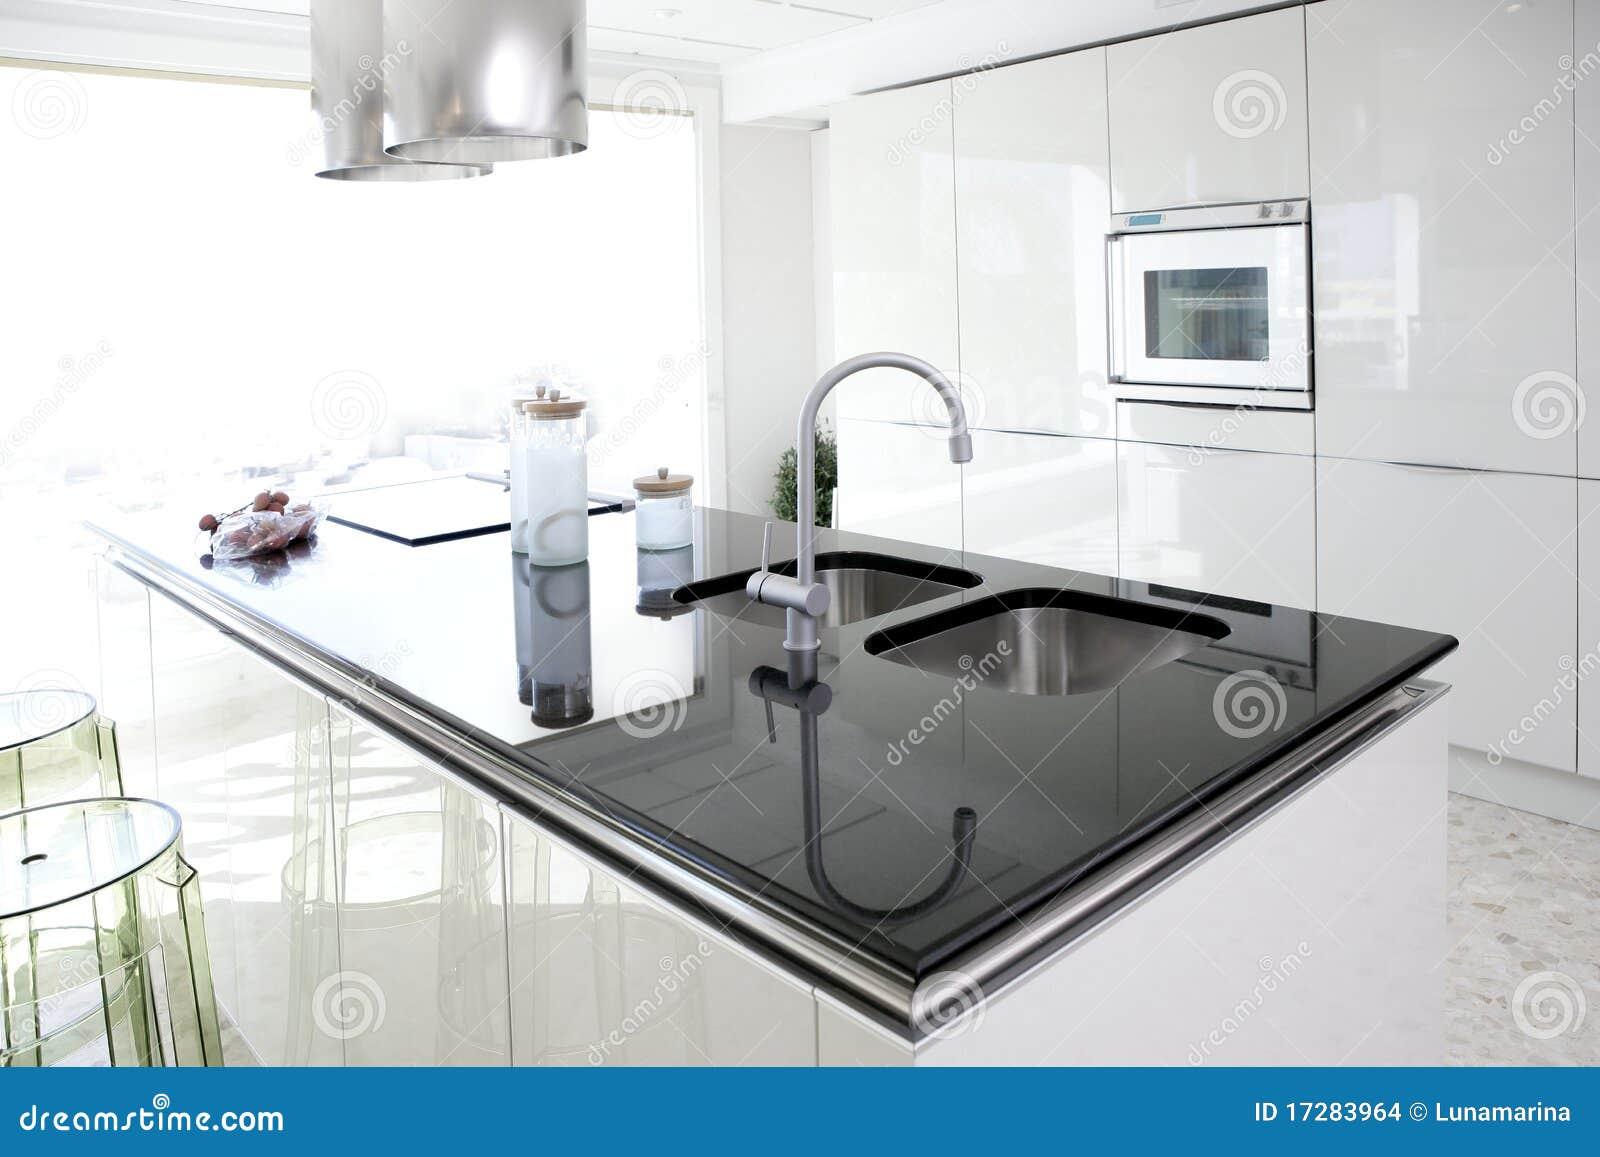 Disegno interno pulito della cucina bianca moderna